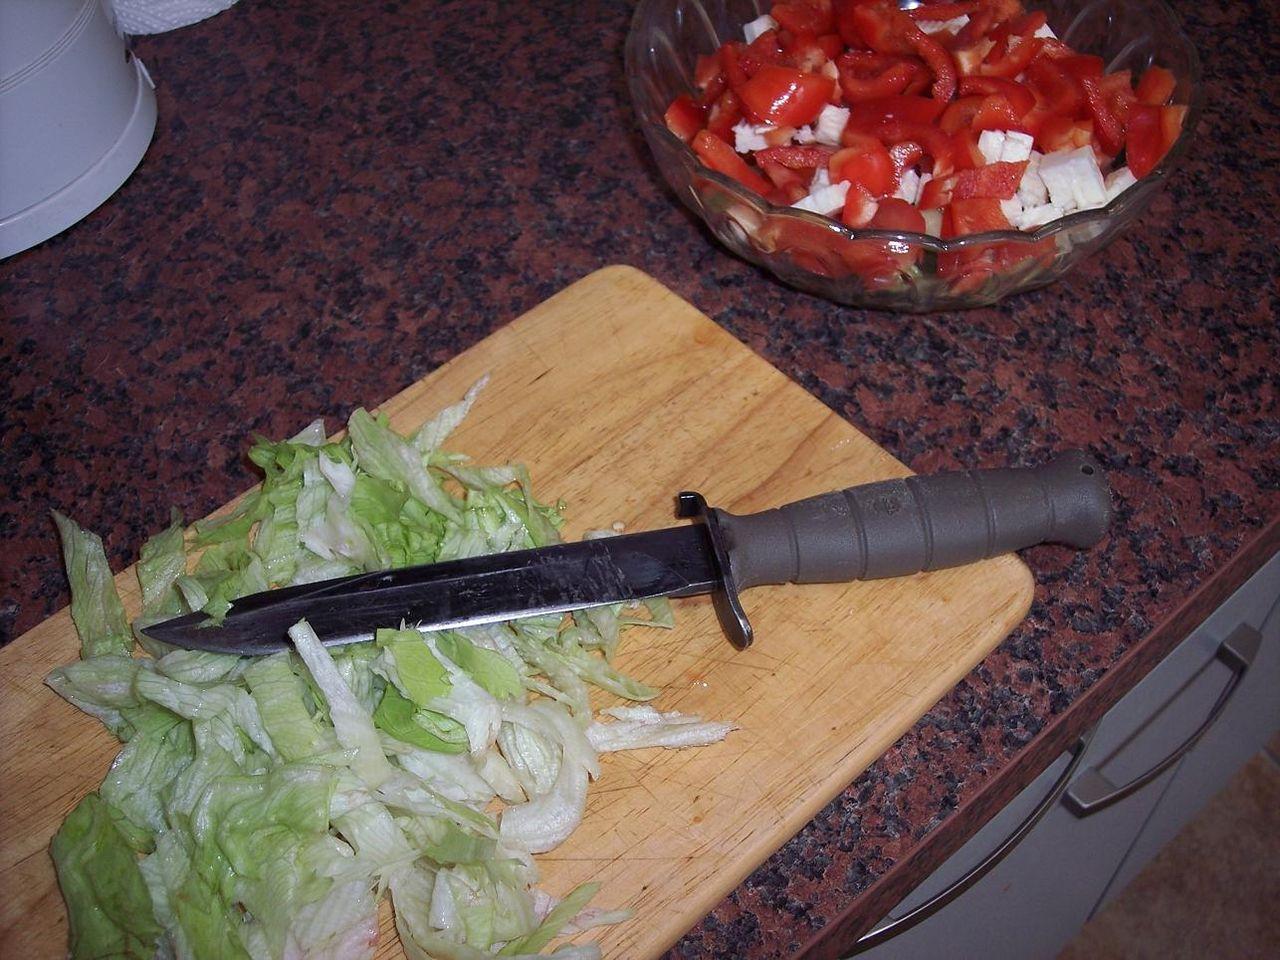 Режит ножикам яйца и писюн фото 4 фотография